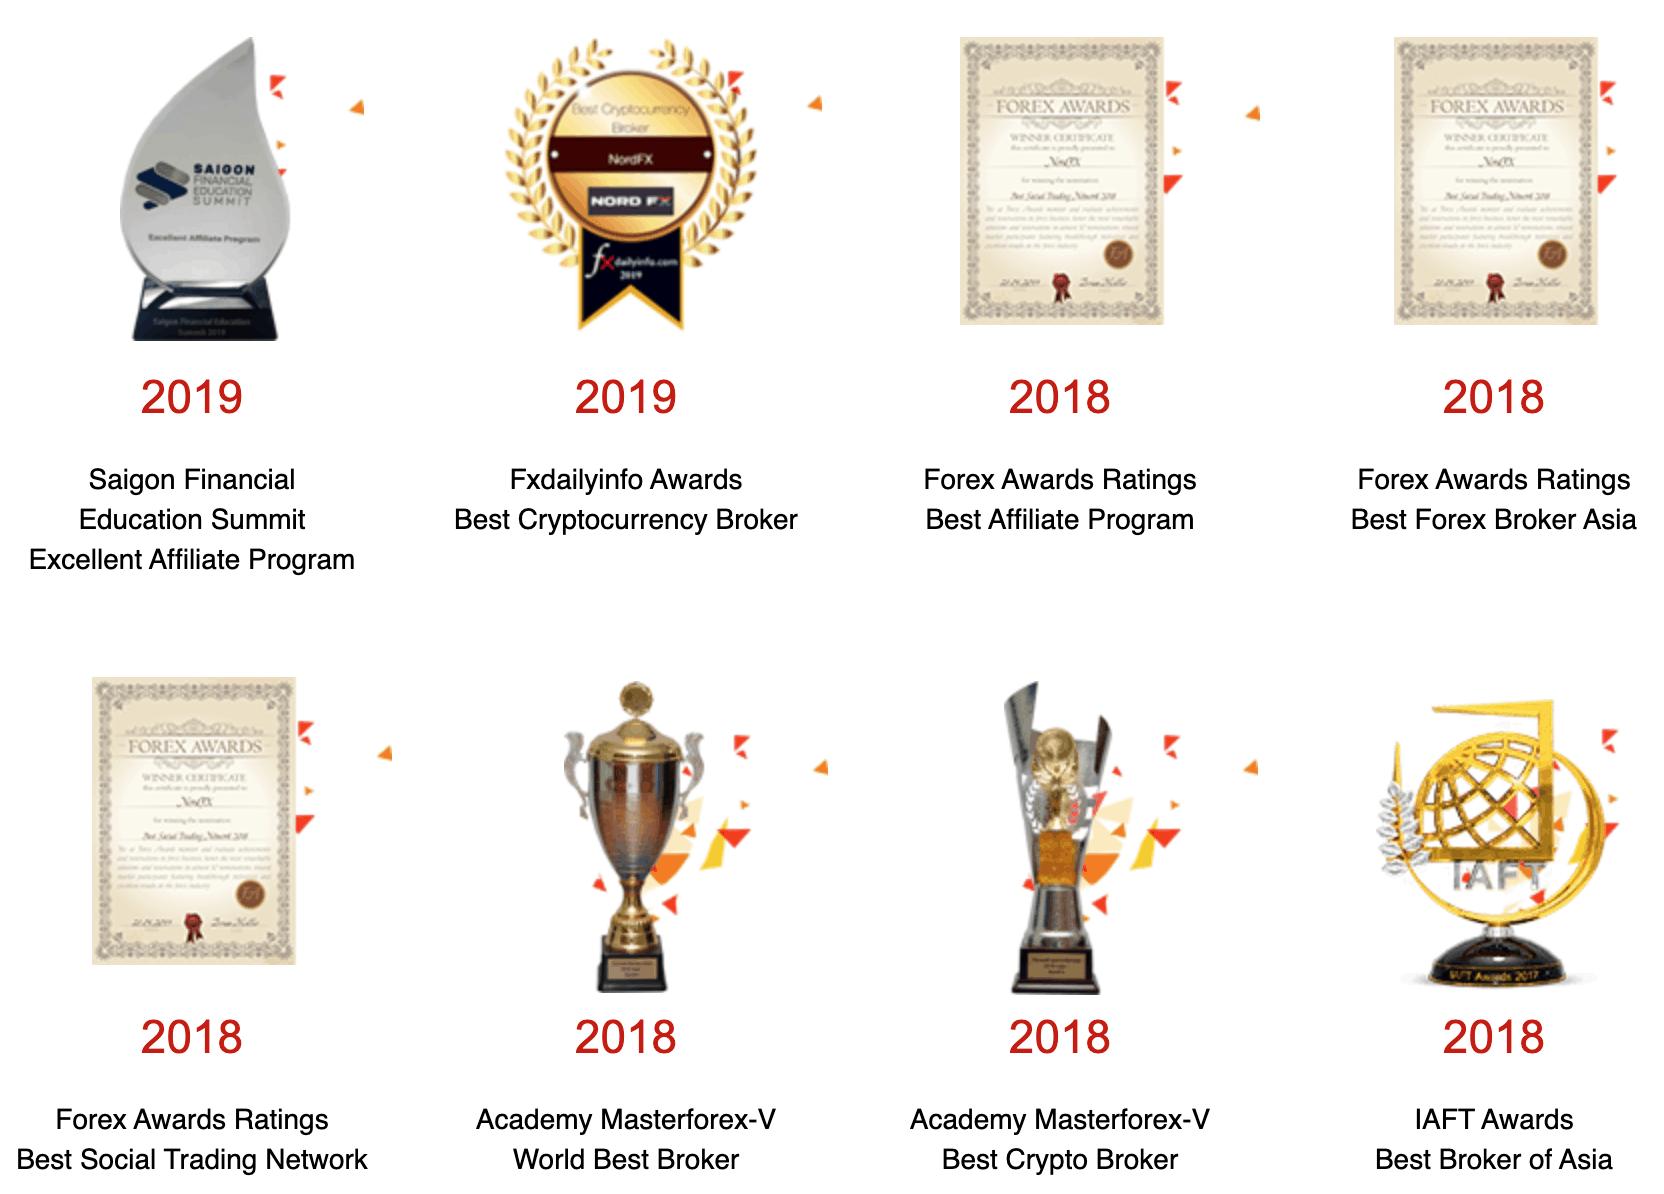 NordFX Awards